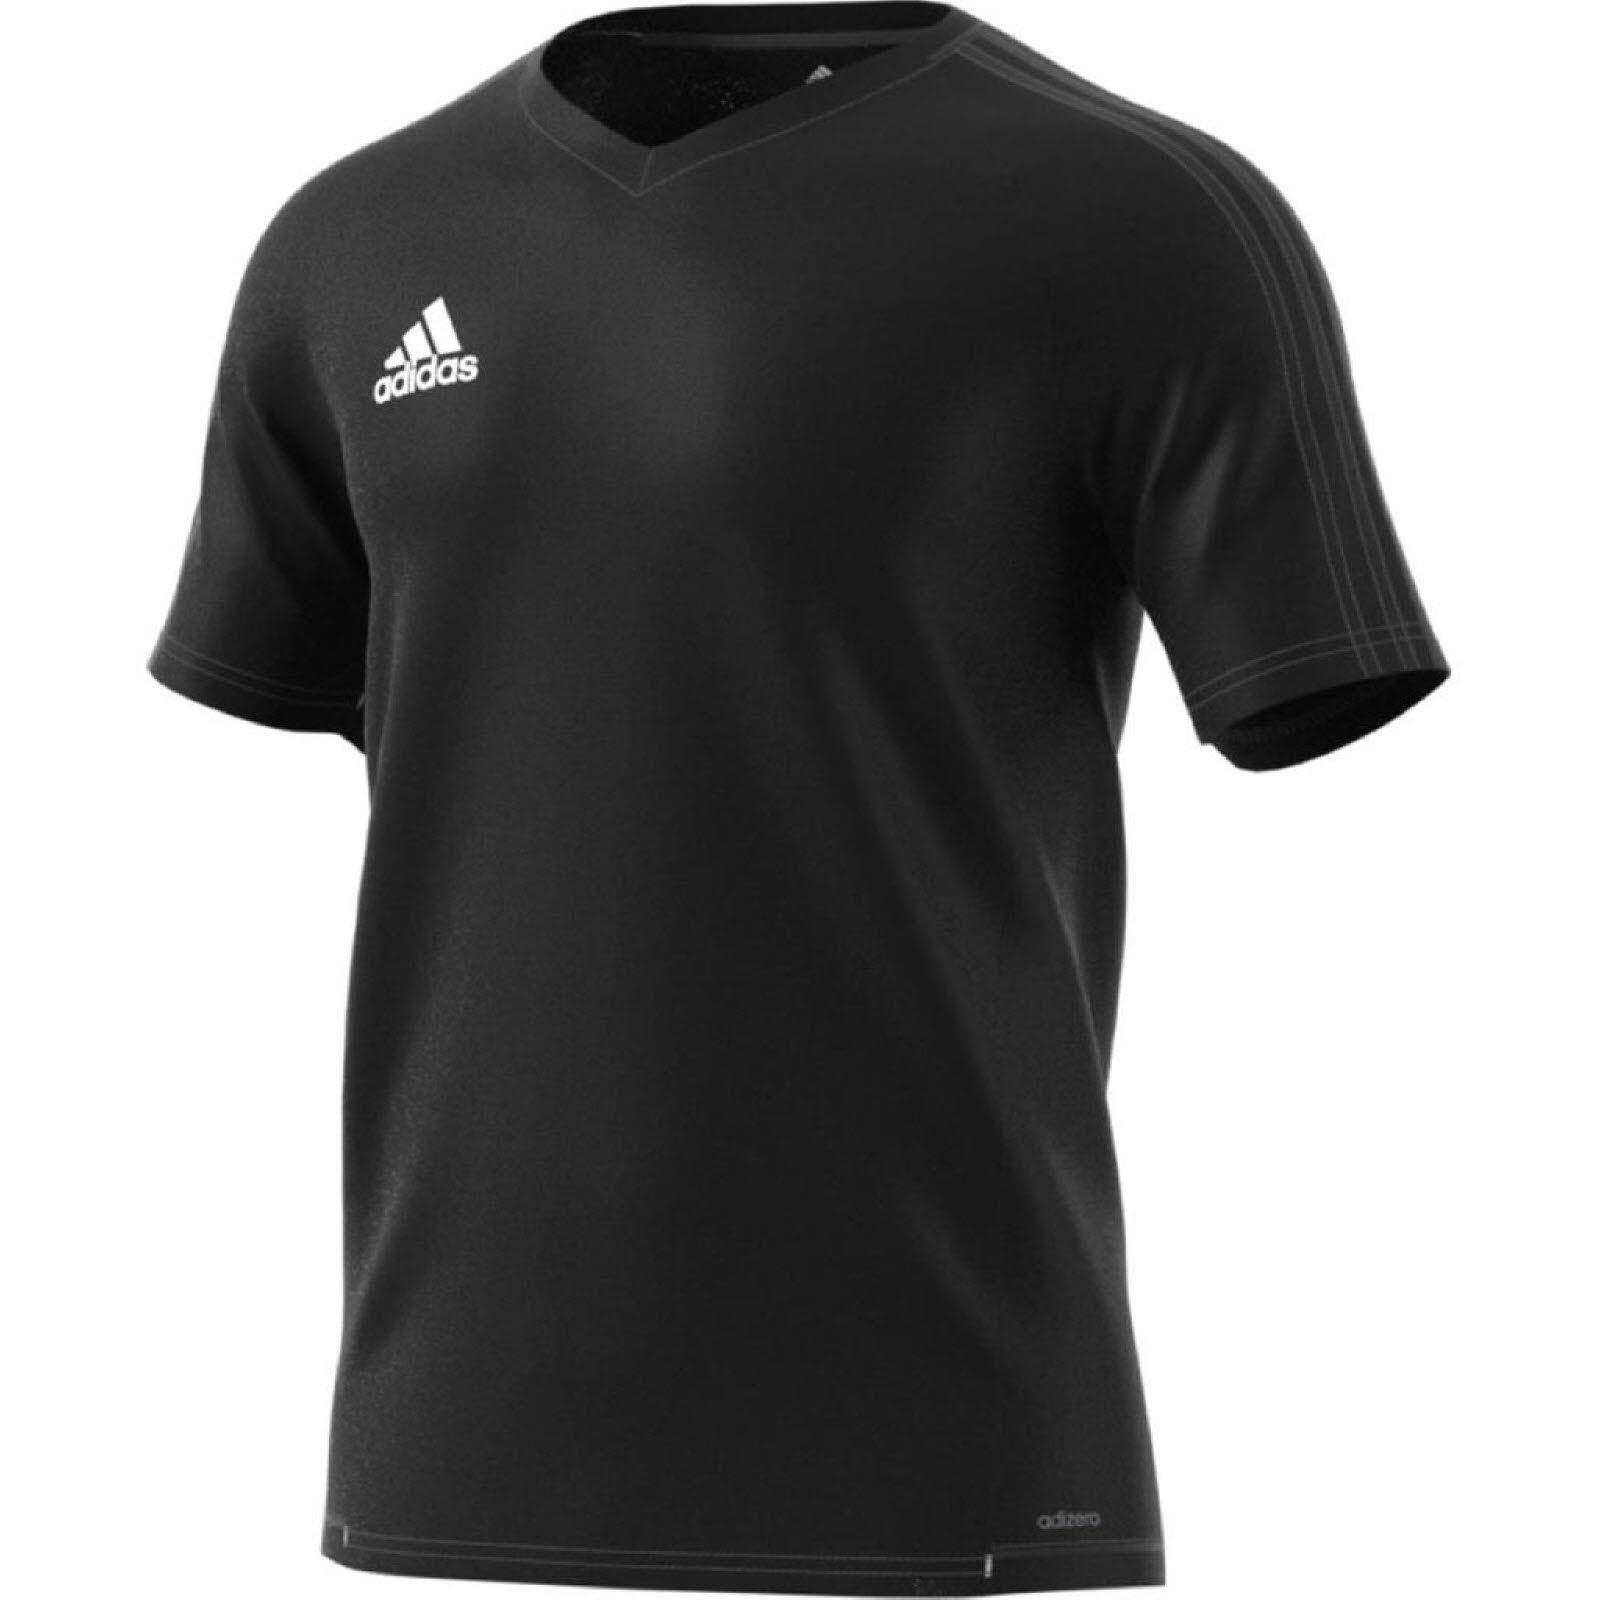 adidas Tiro 17 Trainings Jersey Herren T Shirt